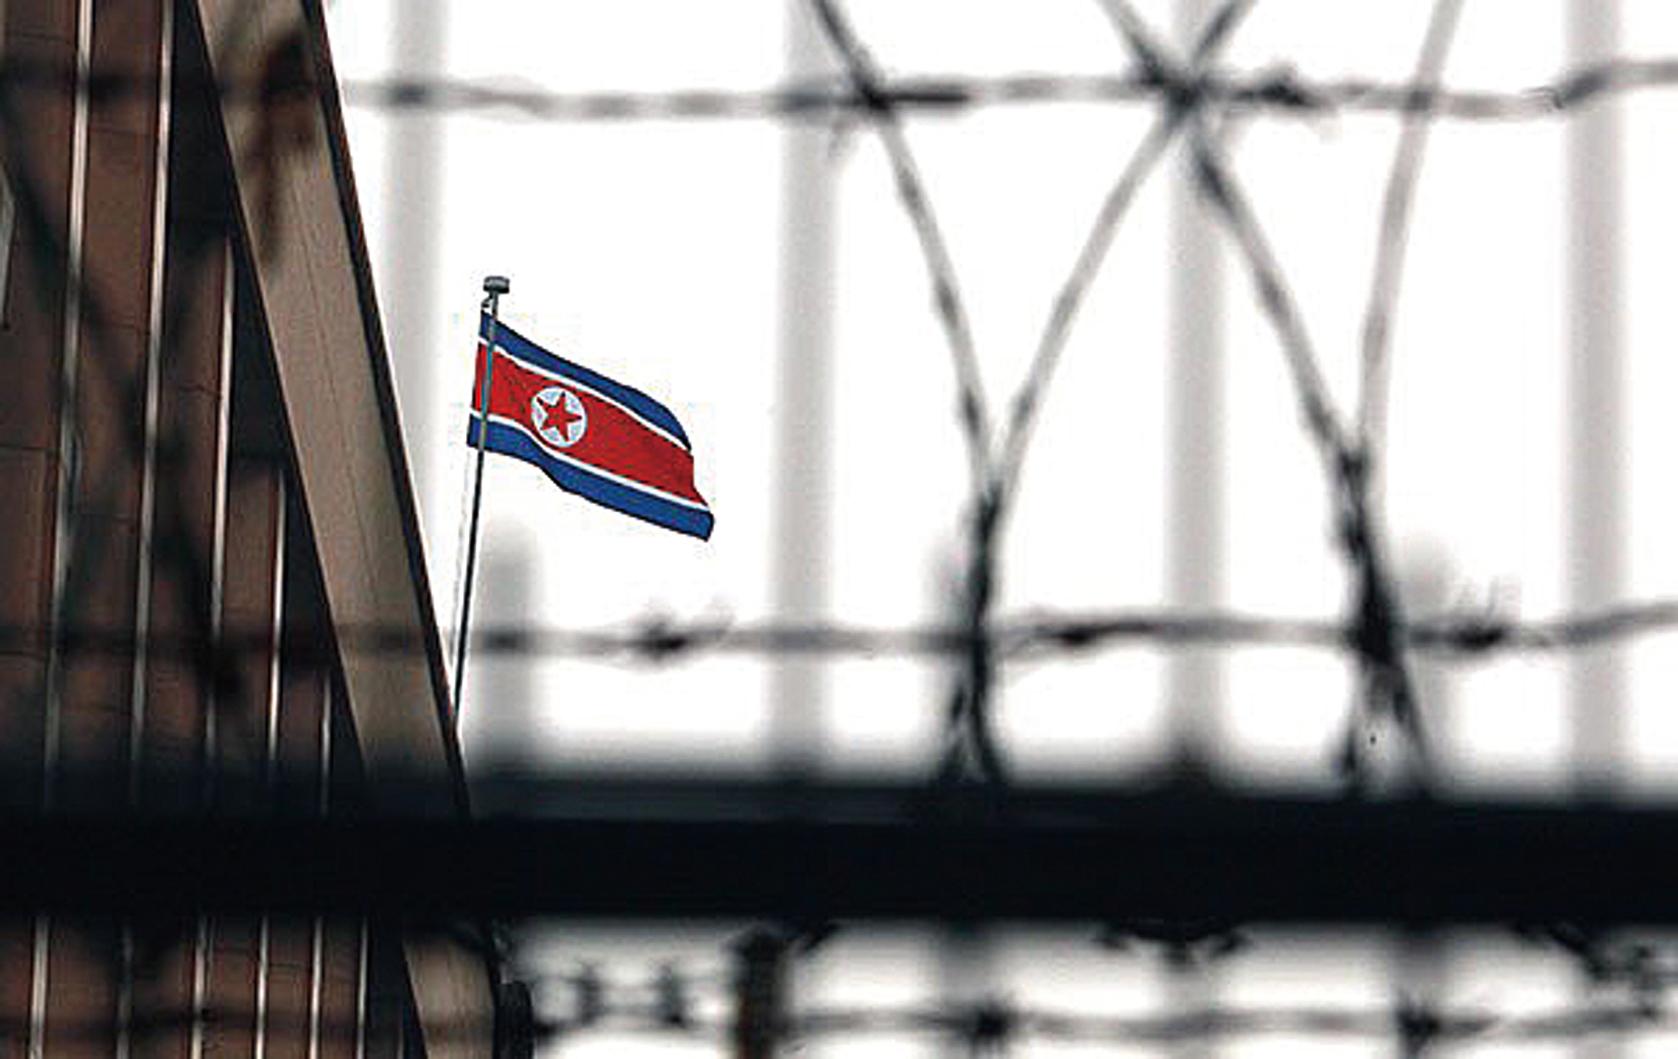 美國正在展開大範圍的對北韓行動,旨在追蹤和切斷向金正恩政權輸送商品和資金的商業網絡。(Stephen Shaver/Polaris)